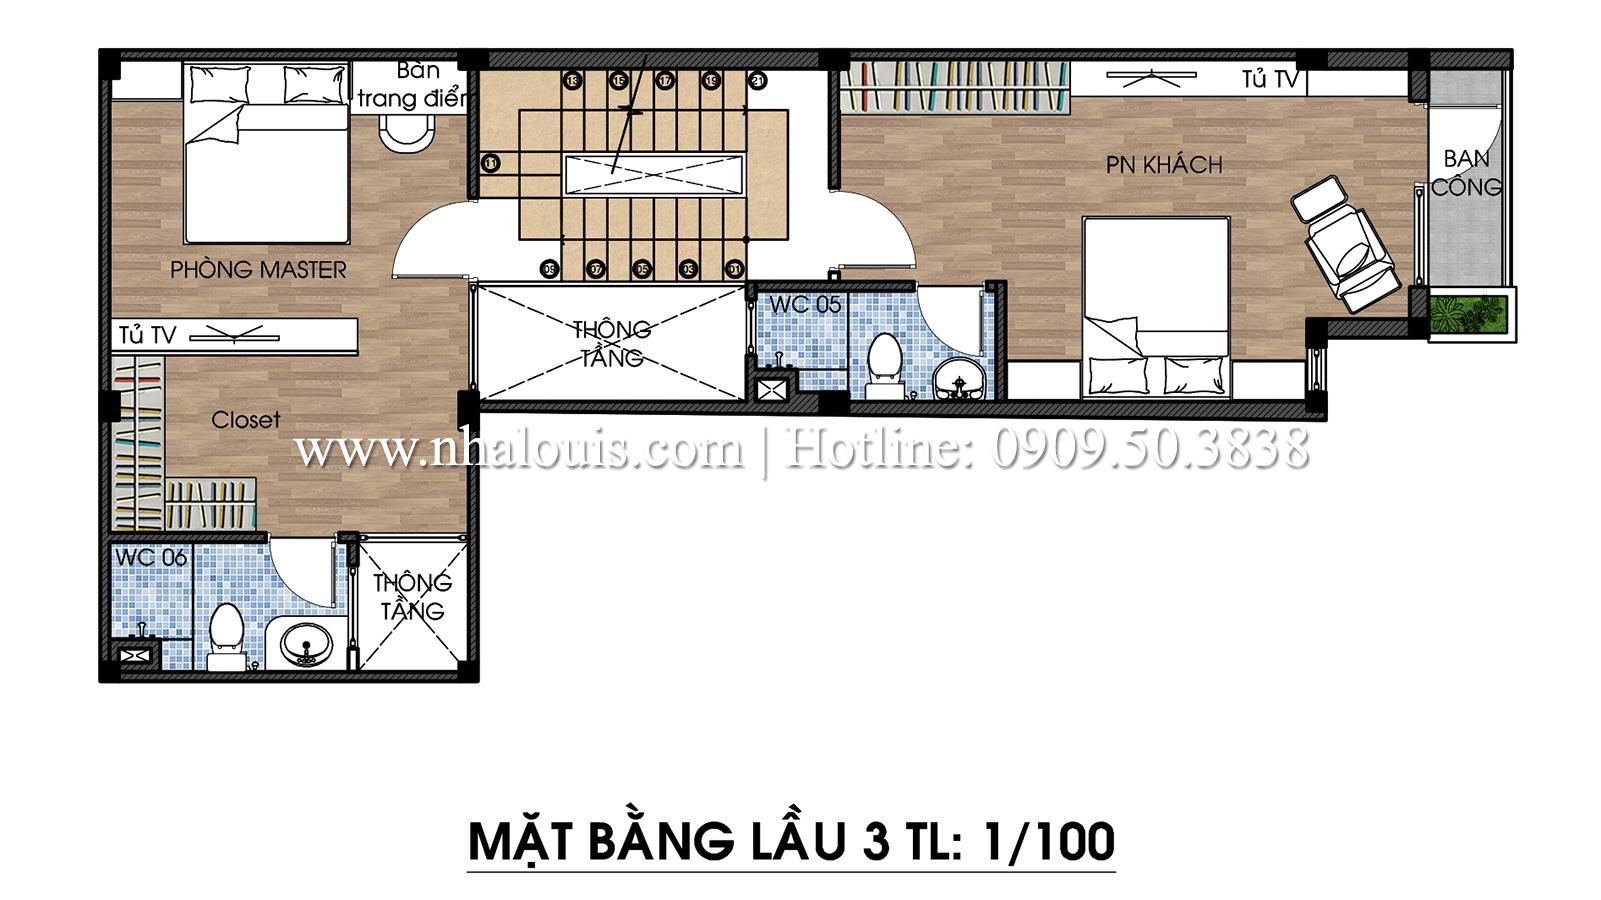 Mặt bằng tầng 3 Mẫu thiết kế nhà phố 5 tầng tại Tân Bình với không gian thiên nhiên xanh mát - 15